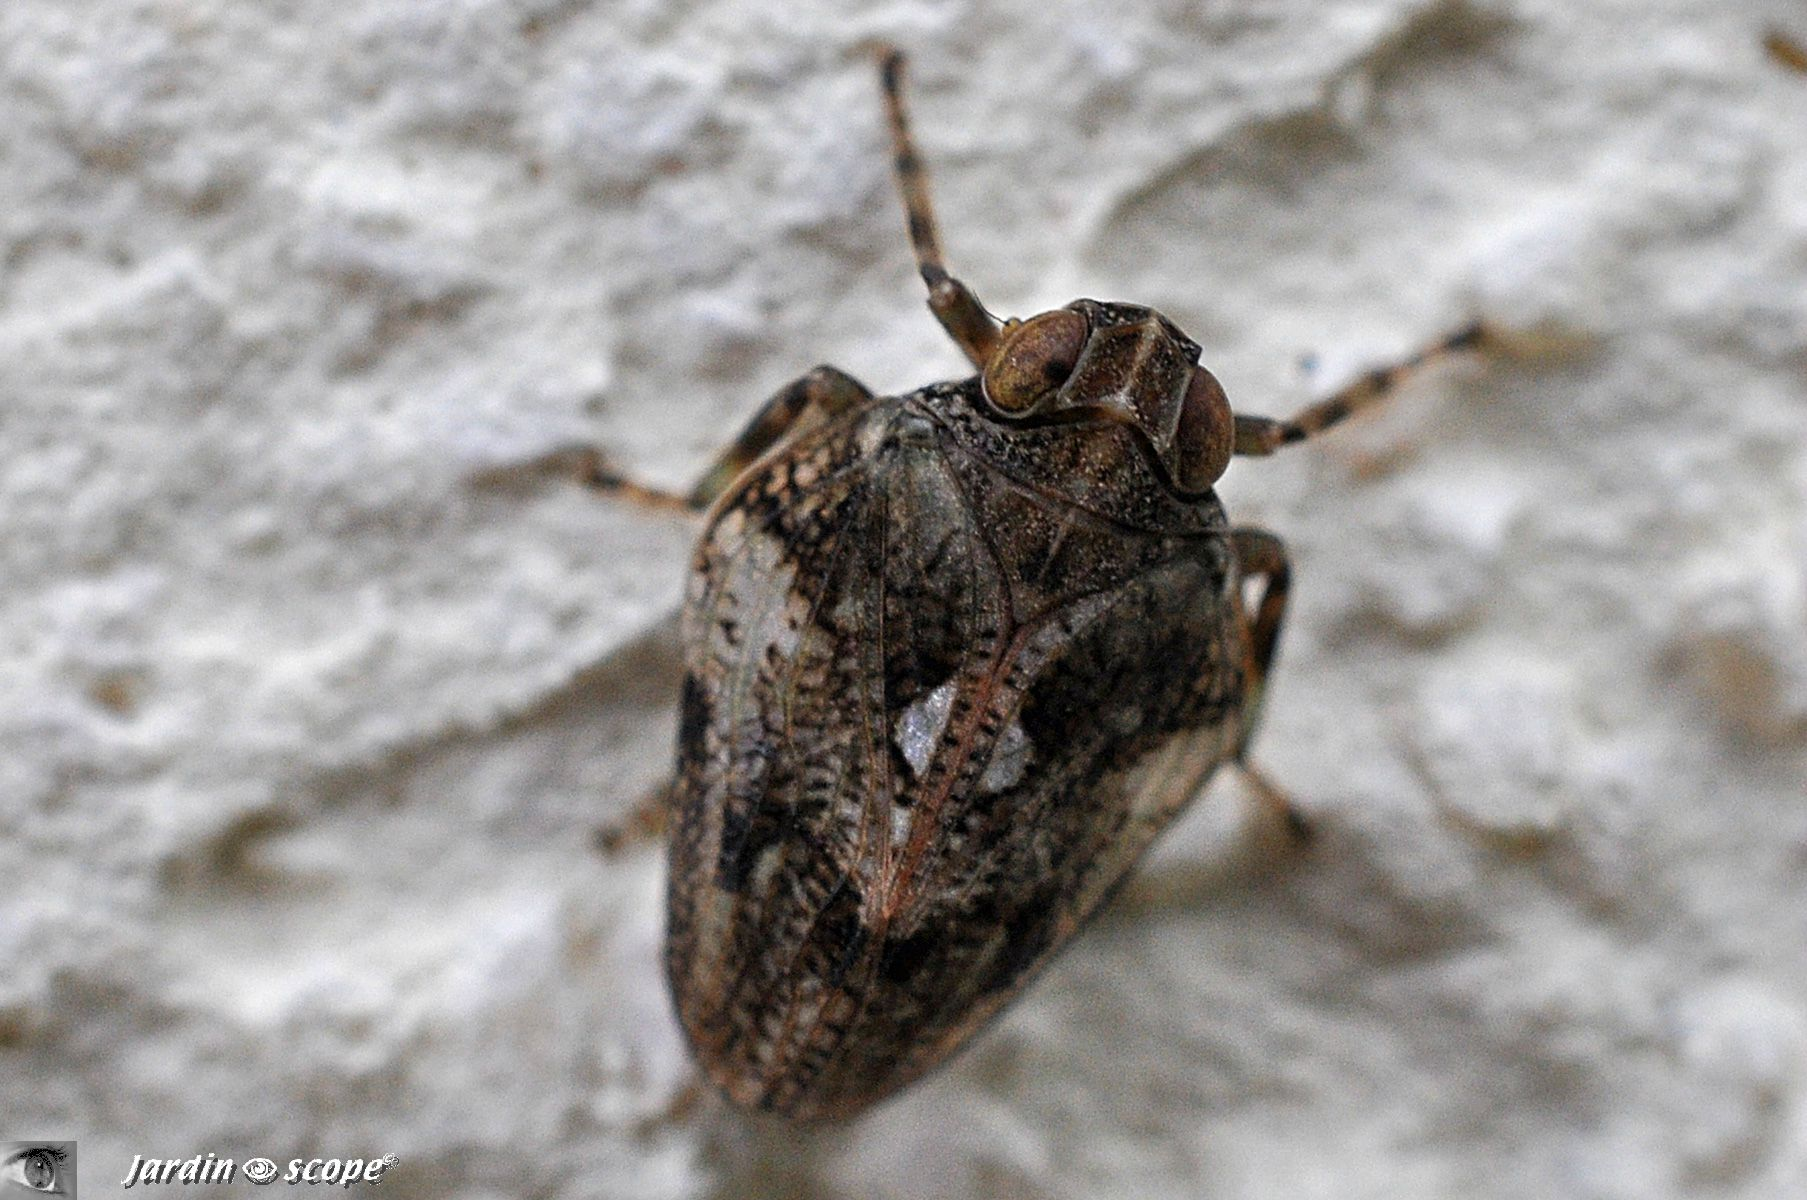 Cigale bossue • Issus coleoptratus • famille des Issidae